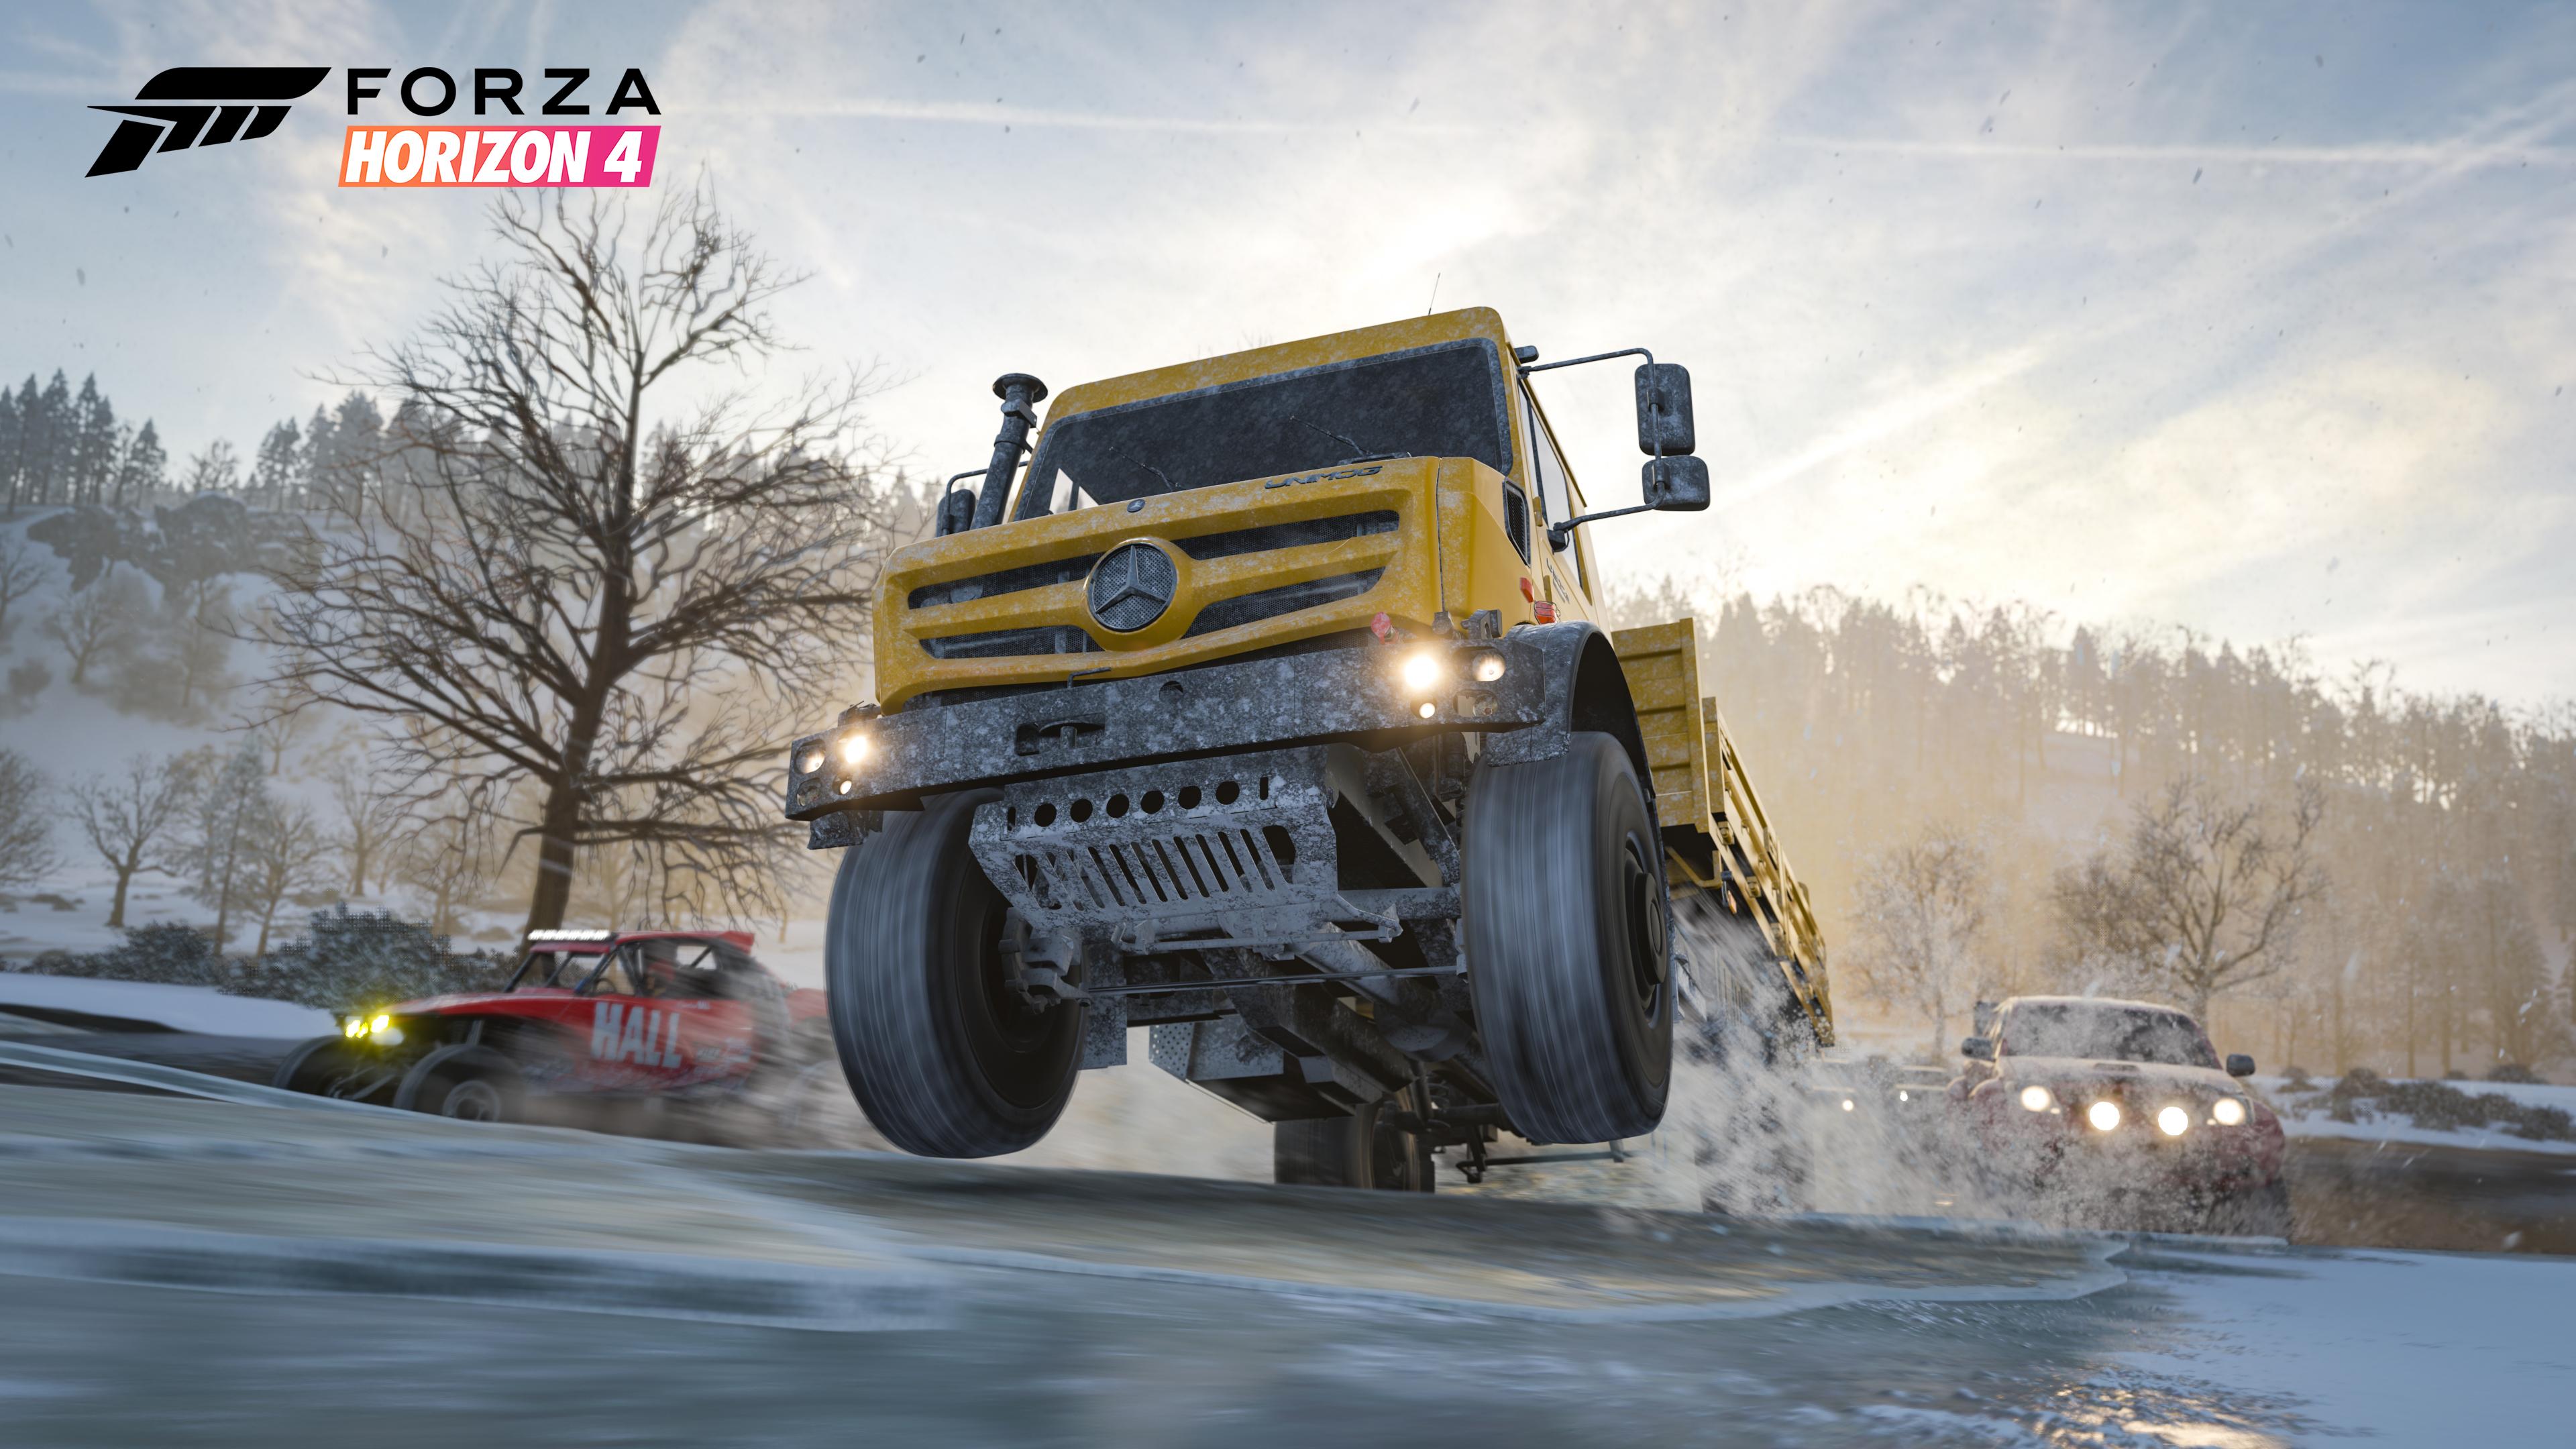 forza horizon 4 mercedes benz truck 1538343590 - Forza Horizon 4 Mercedes Benz Truck - mercedes benz wallpapers, hd-wallpapers, games wallpapers, forza wallpapers, forza horizon 4 wallpapers, 4k-wallpapers, 2018 games wallpapers